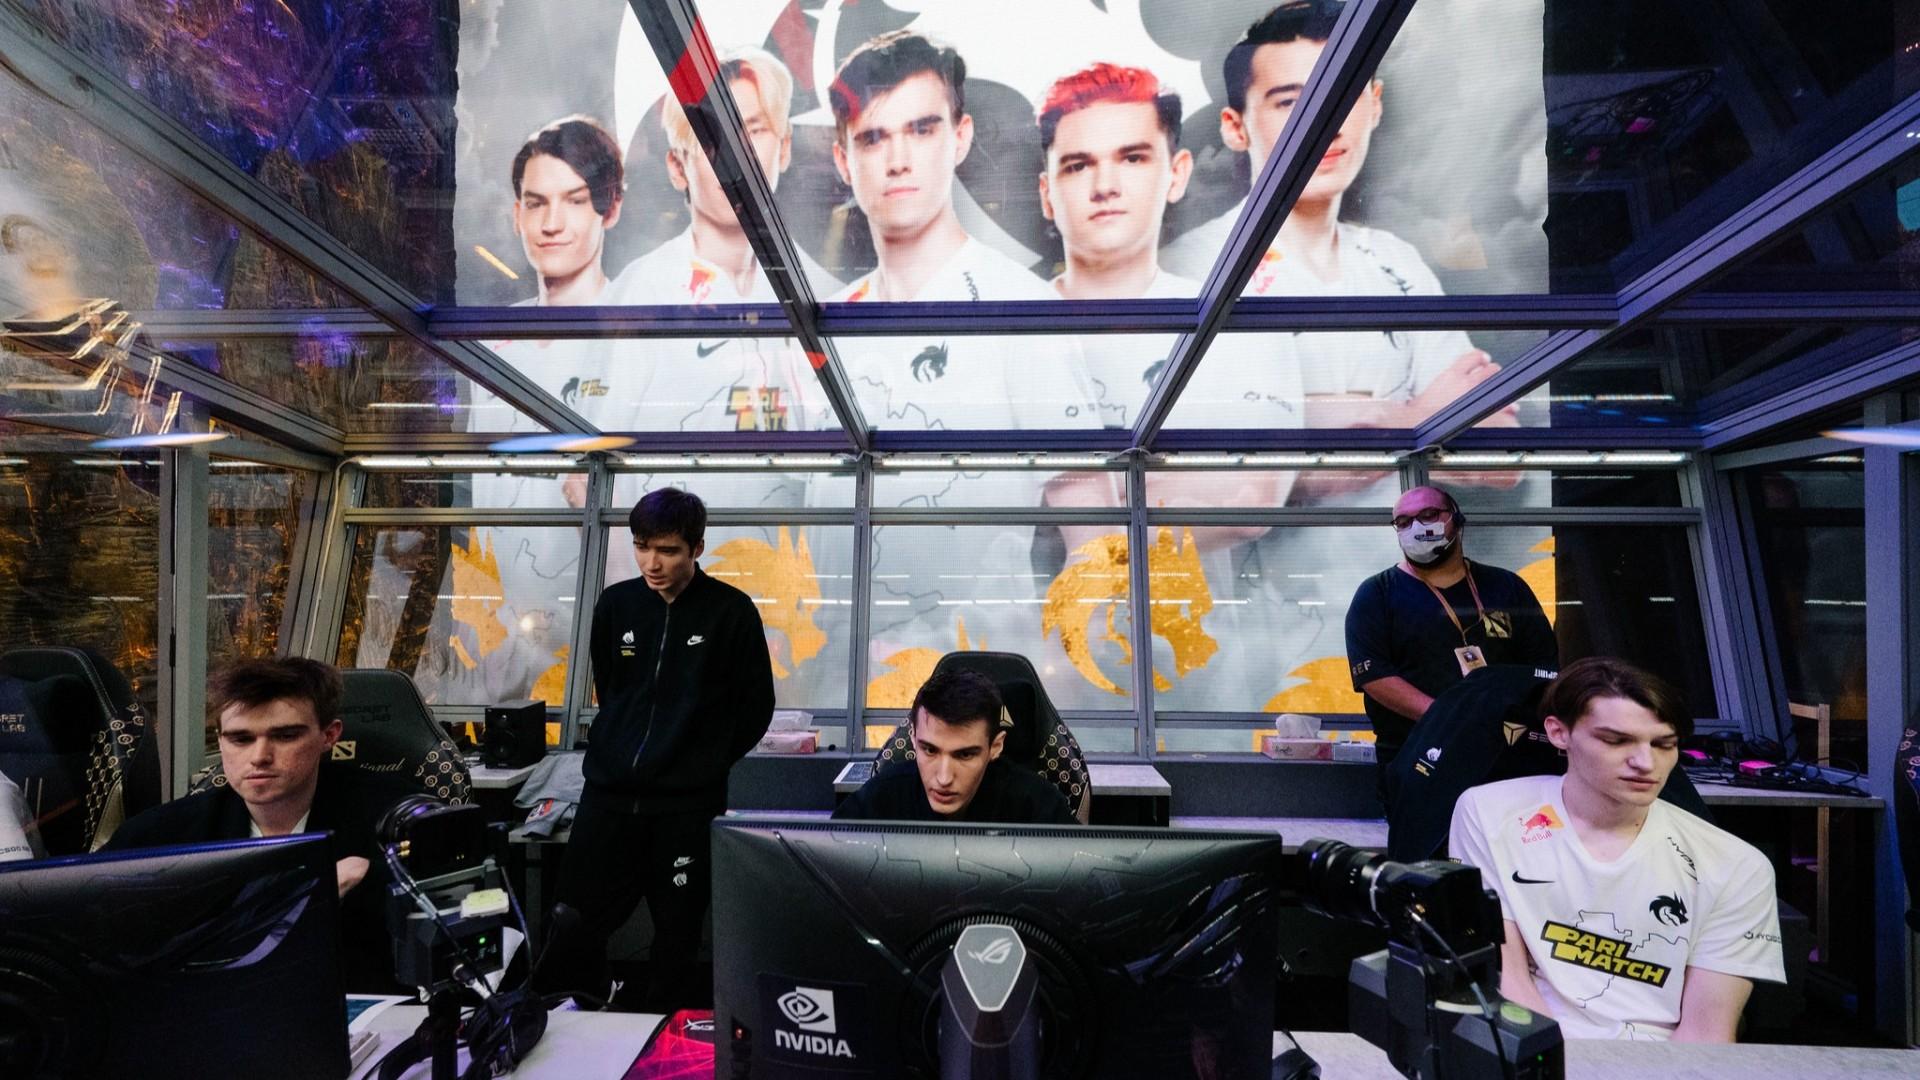 Команда из России выбила действующего чемпиона The International по Dota 2